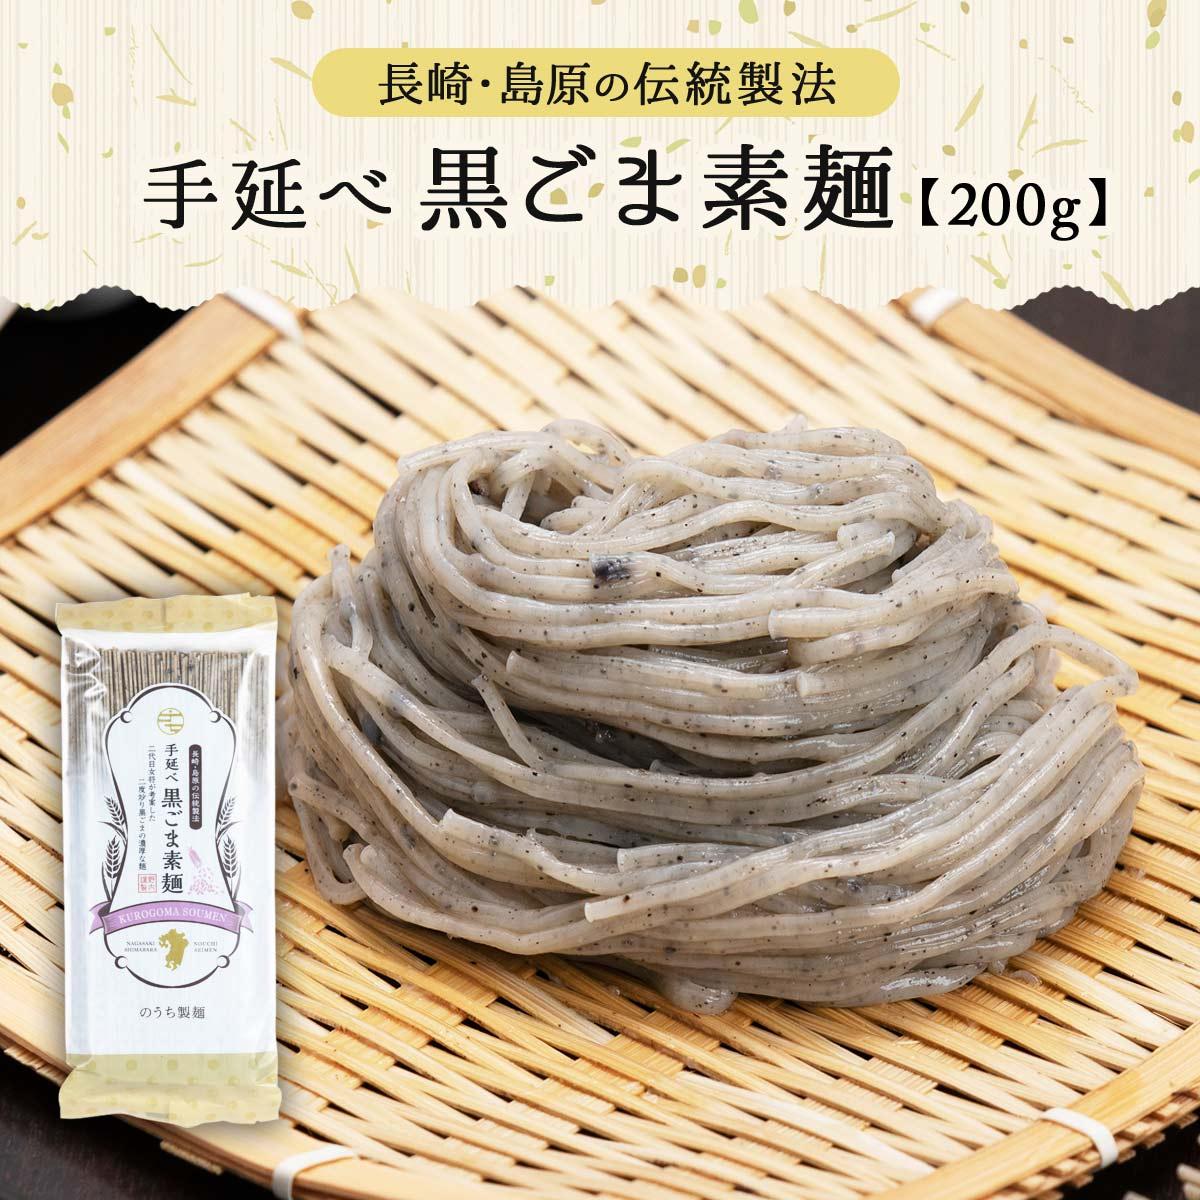 九州 定番スタイル 長崎 島原 そうめん ごま 200g 40%OFFの激安セール のうち製麺 黒 ごま麺そうめん